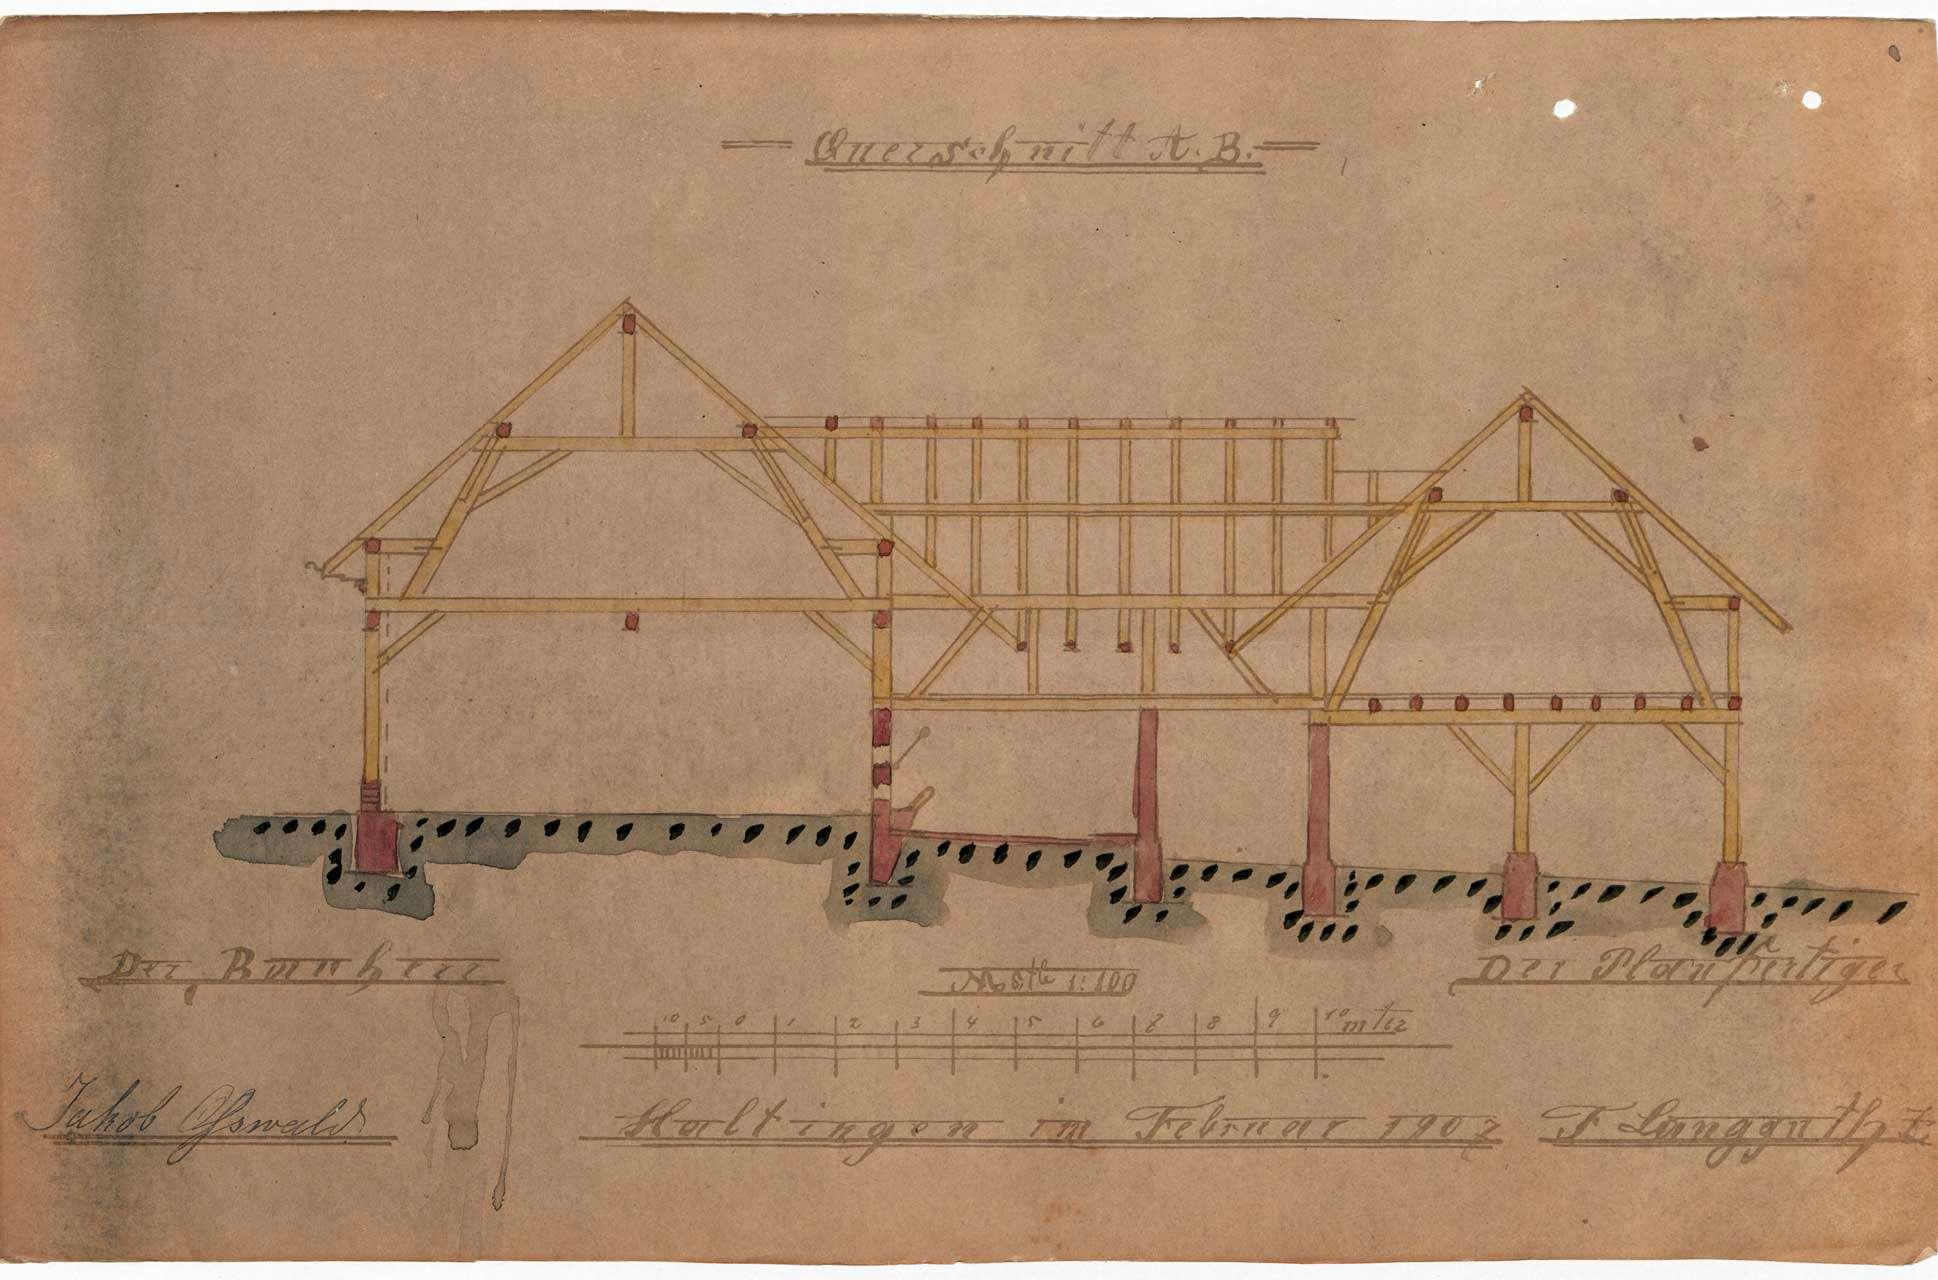 Antrag des Jakob Oßwald auf Genehmigung zum Bau einer Scheune mit Stall und Schopf in Efringen, Bild 3